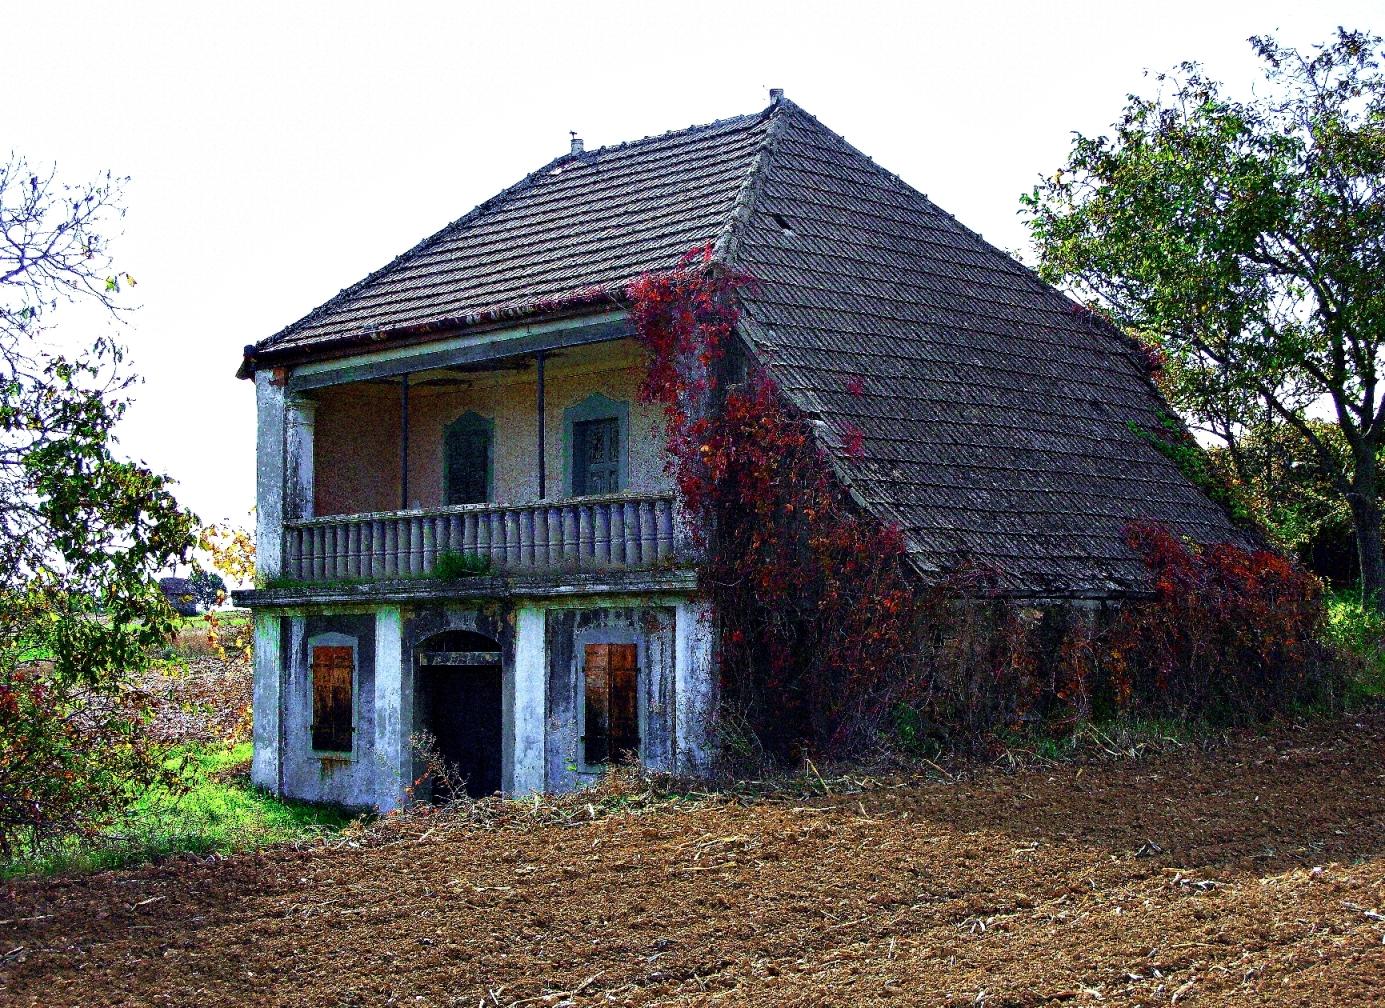 Andor Tóth - Elhagyott ház a szántóföldeken.jpg